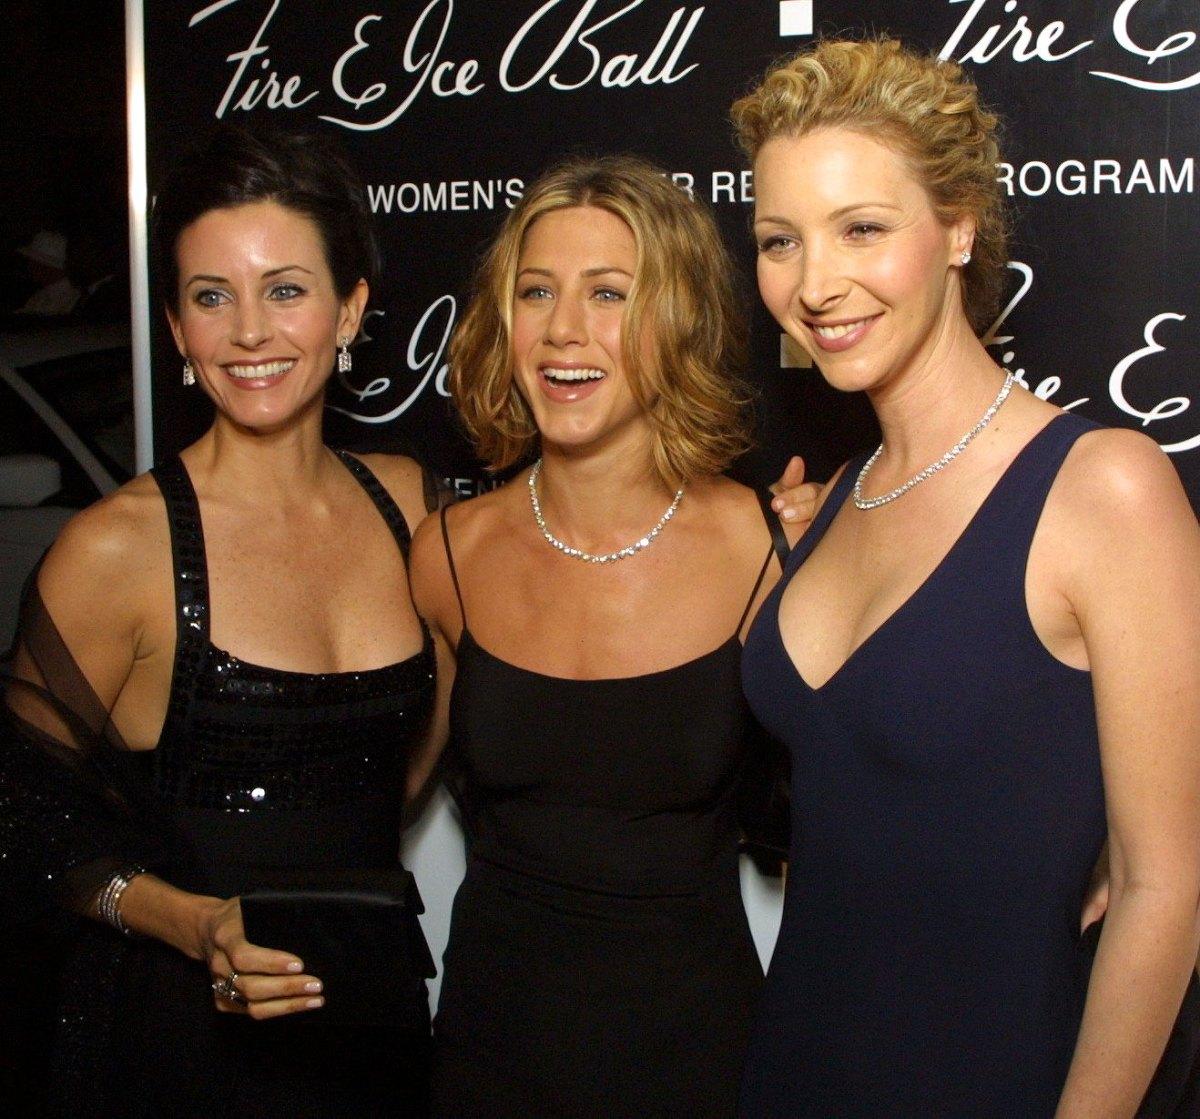 Courteney-Cox-Jennifer-Aniston-and-Lisa-Kudrow